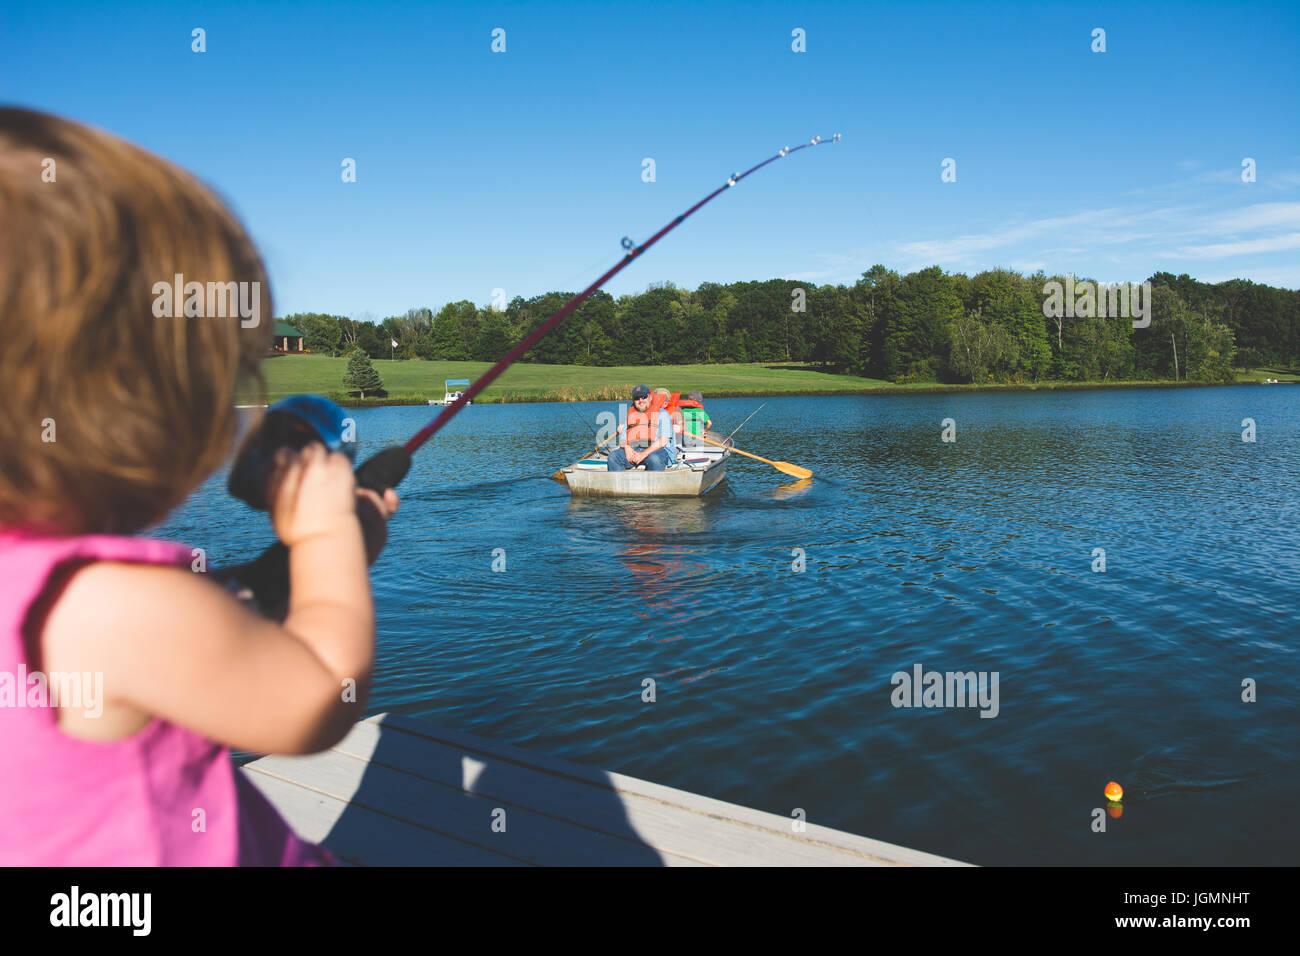 Ein Kind, Angeln an einem Dock an einem Teich in einer ländlichen Gegend. Stockbild